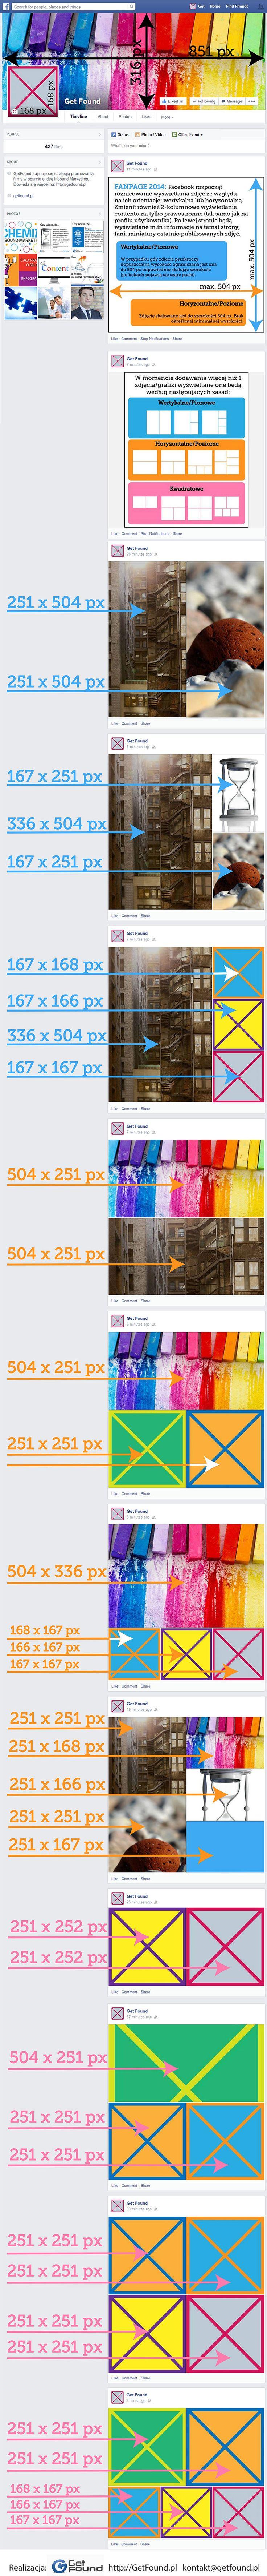 Poniższa infografika ma na celu pomóc w prowadzeniu fanpage'a na Facebooku i informuje o aktualnych wymiarach publikowanych obrazów oraz sposobie wyświetlania zdjęć i obrazów.